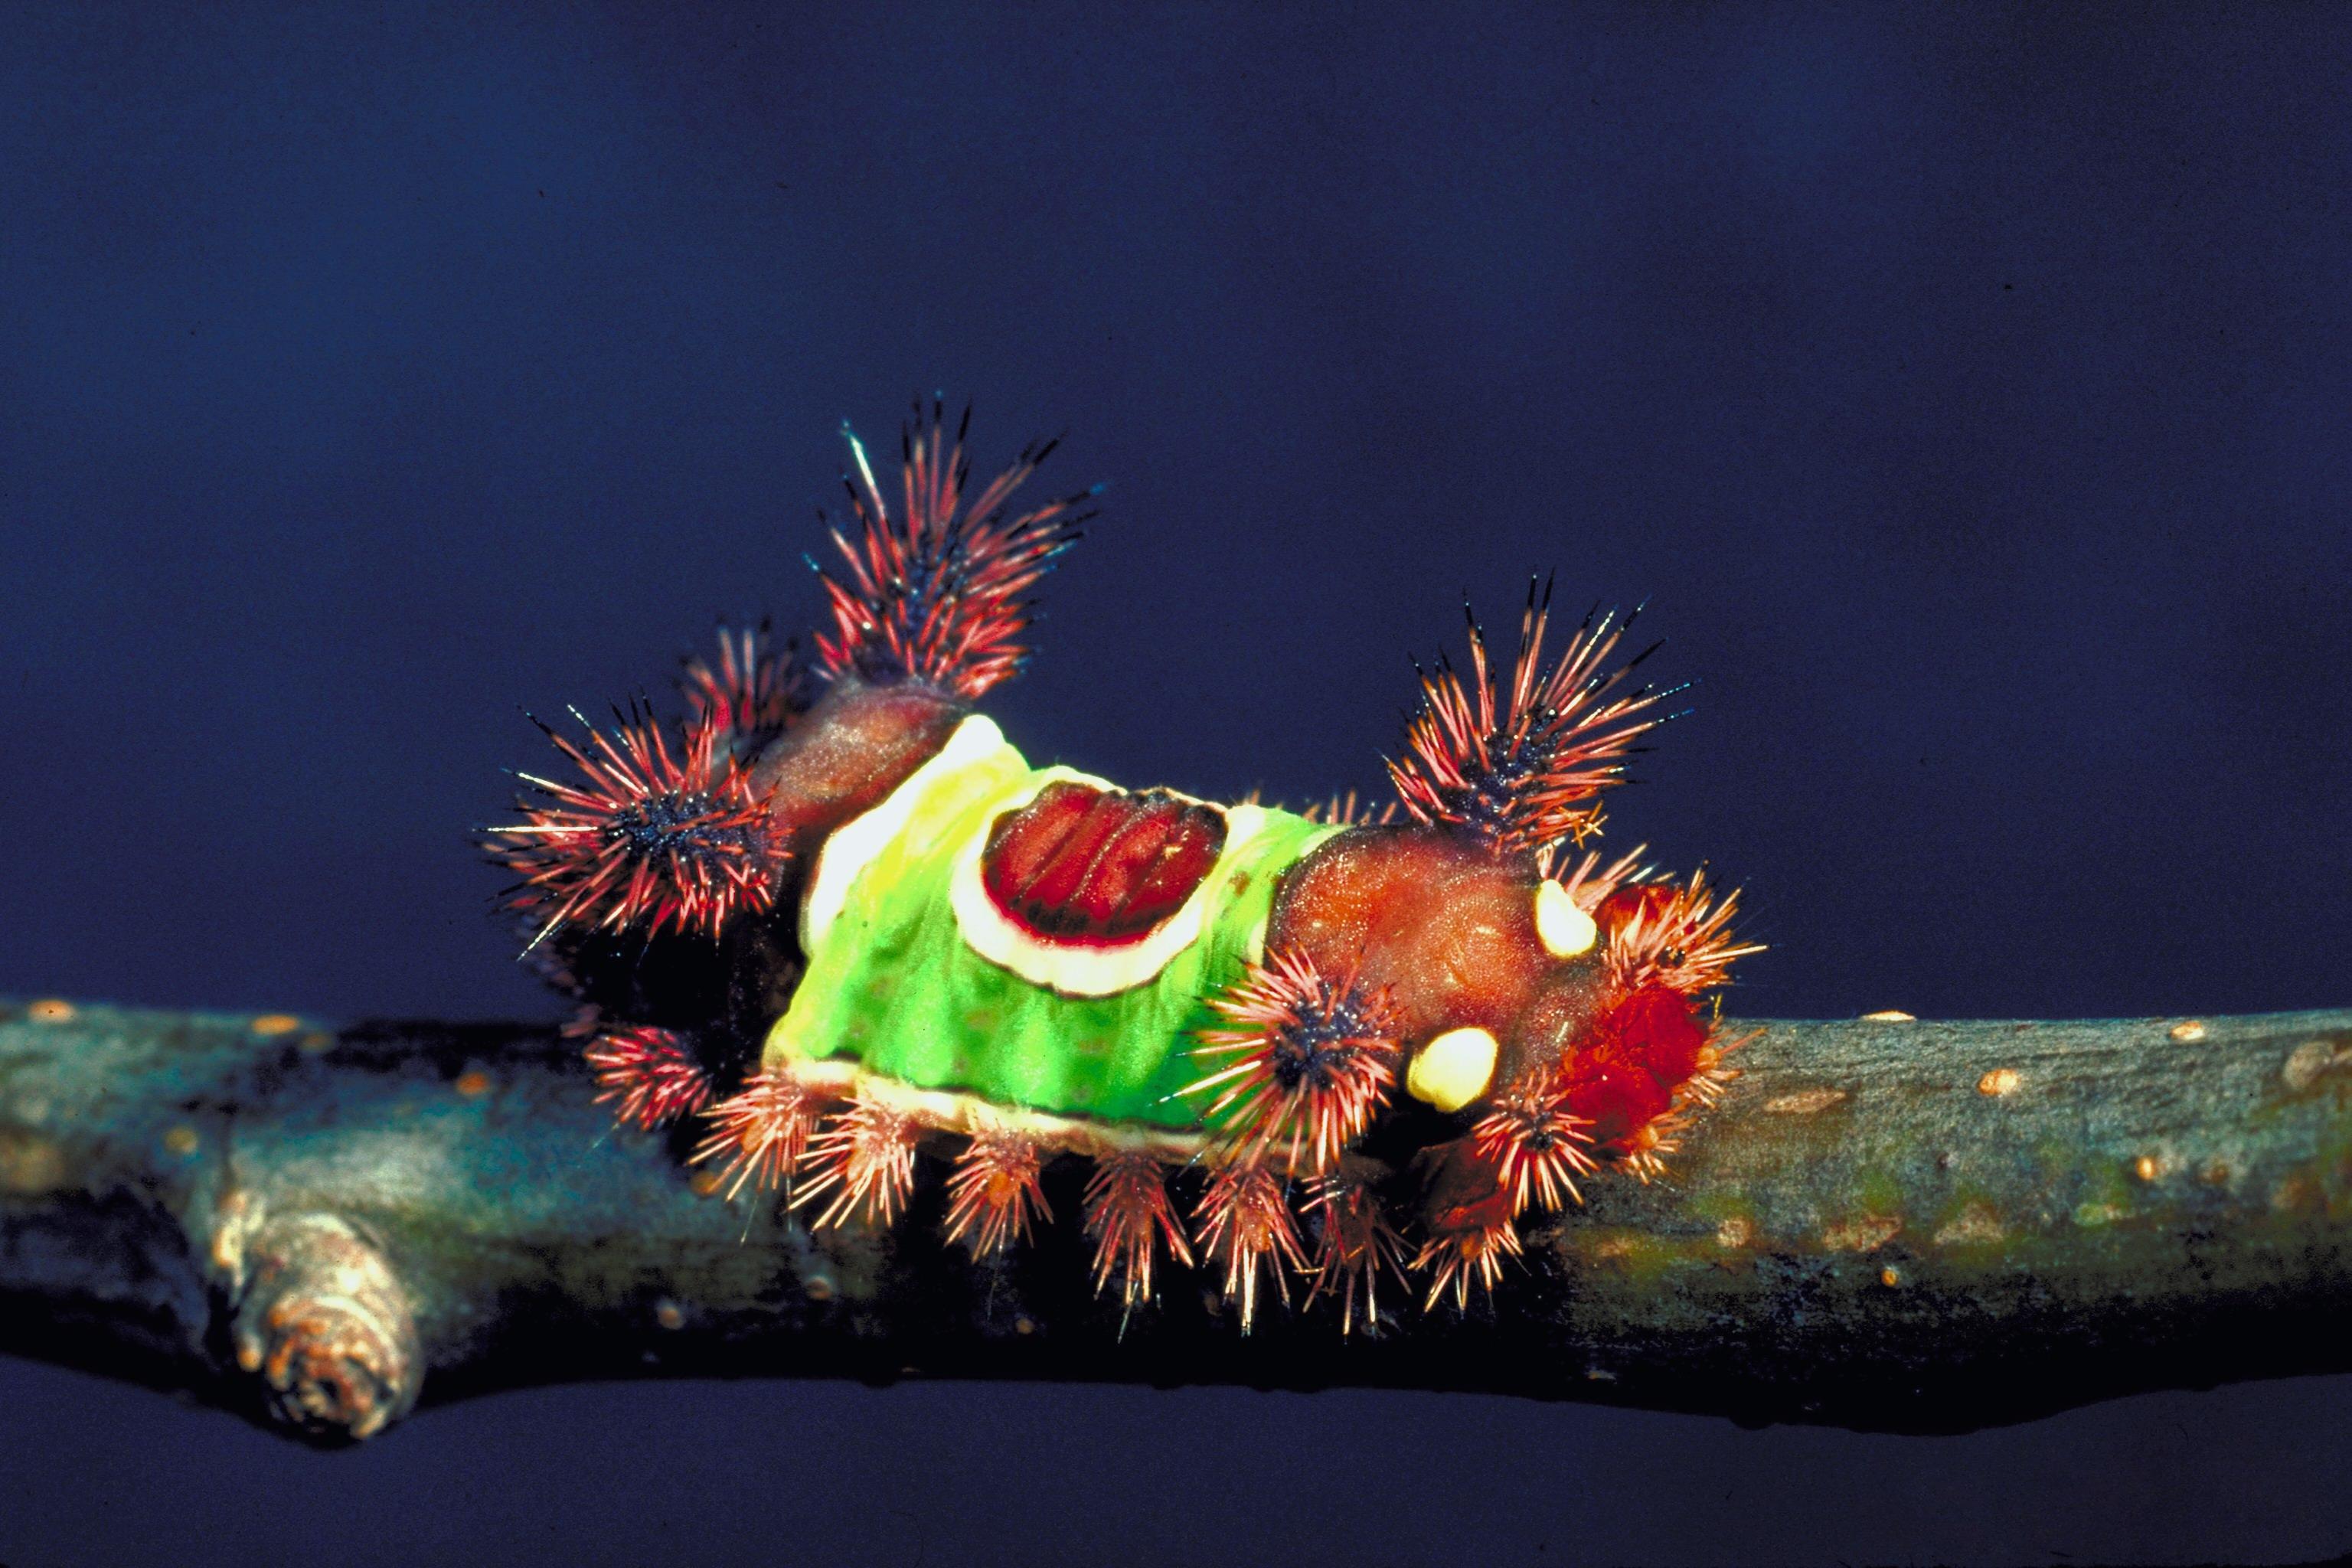 Saddleback caterpillar - Wikipedia